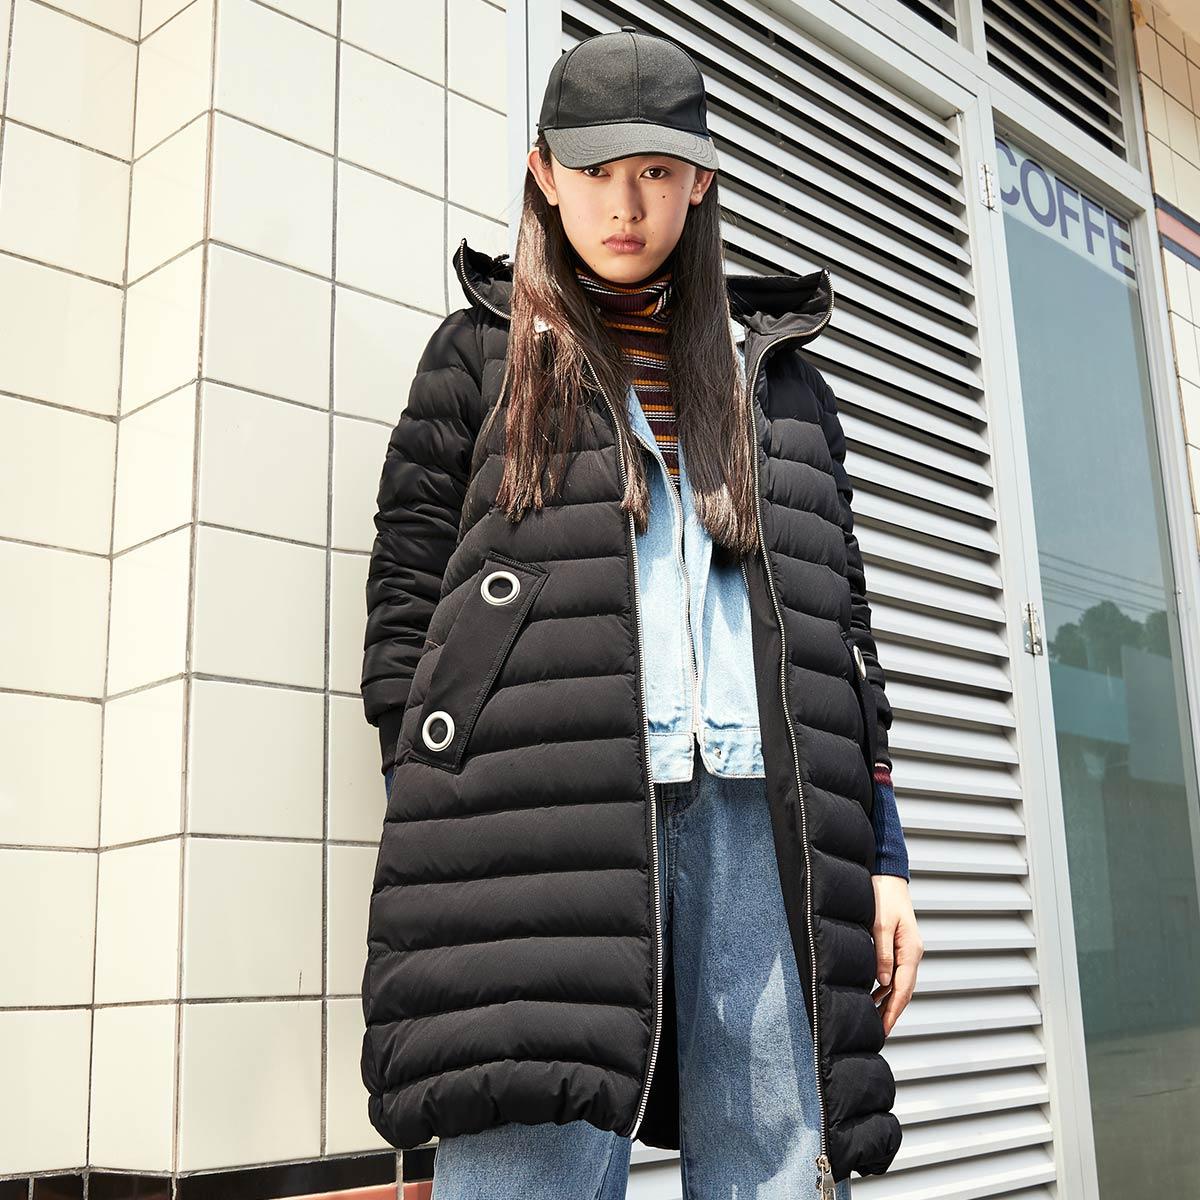 太平鸟女装时尚轻薄羽绒服冬装新款黑色中长款外套拉链上衣女